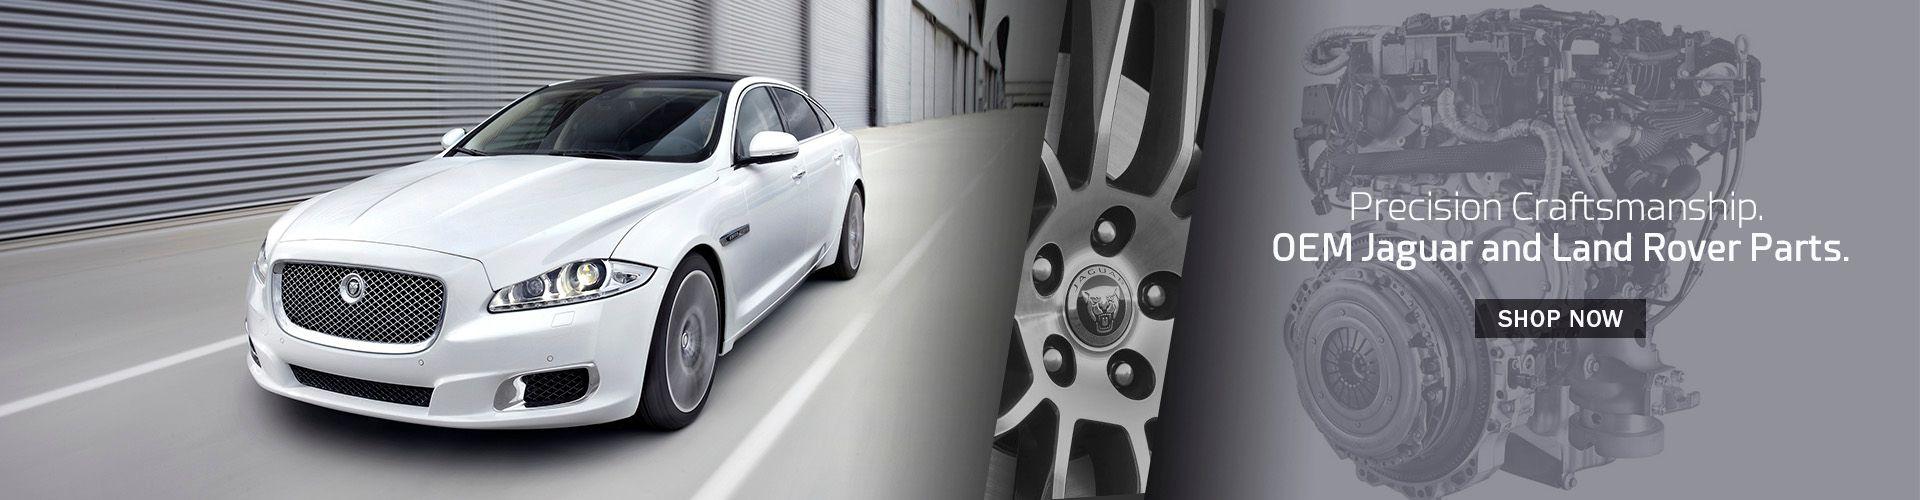 Shop OEM Jaguar Land Rover Parts